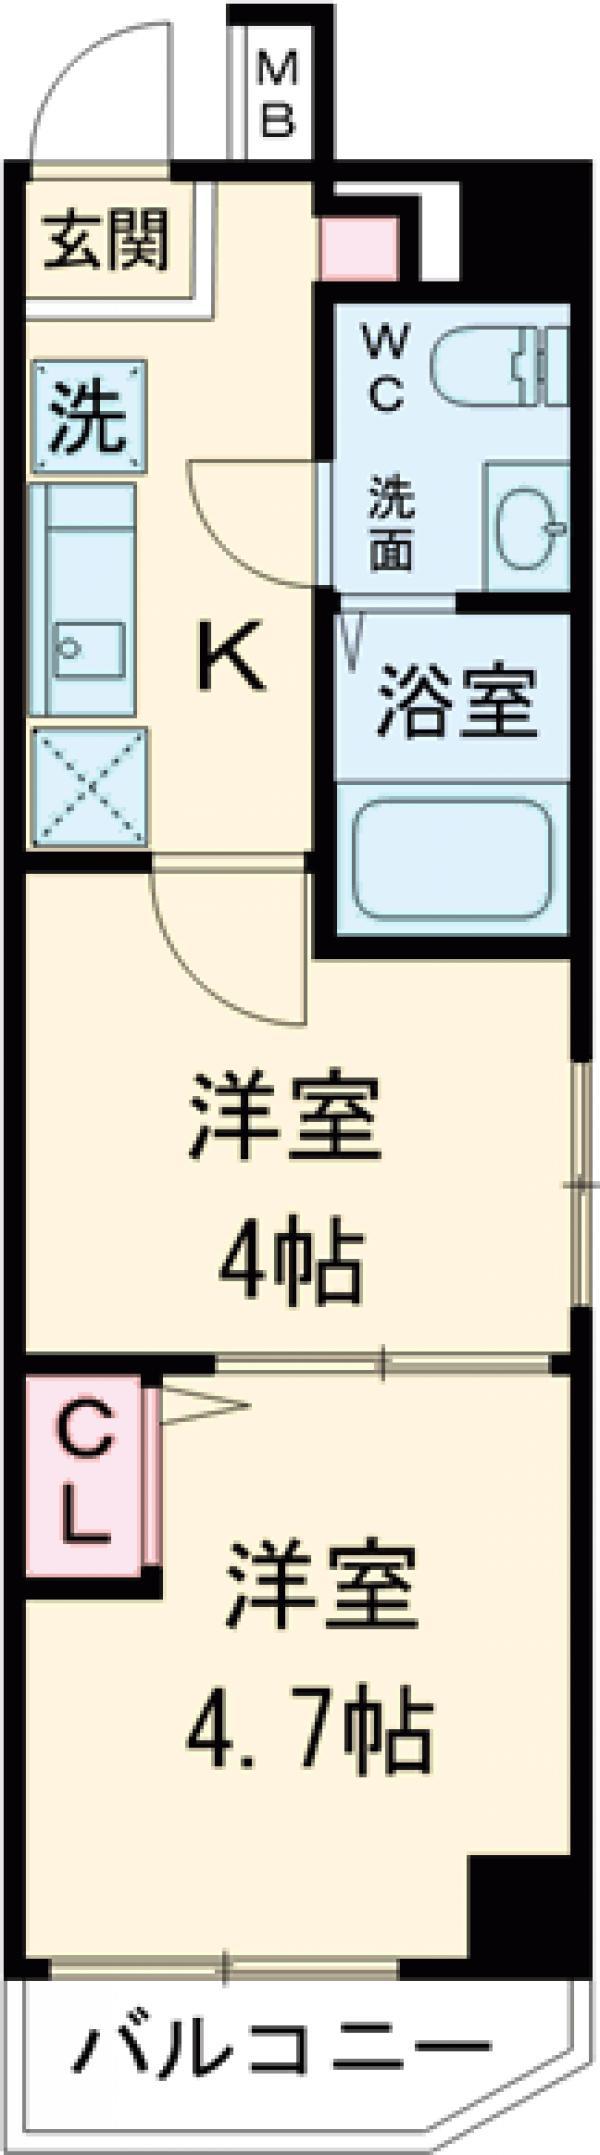 アンベリール マーロ北綾瀬Ⅱ・305号室の間取り